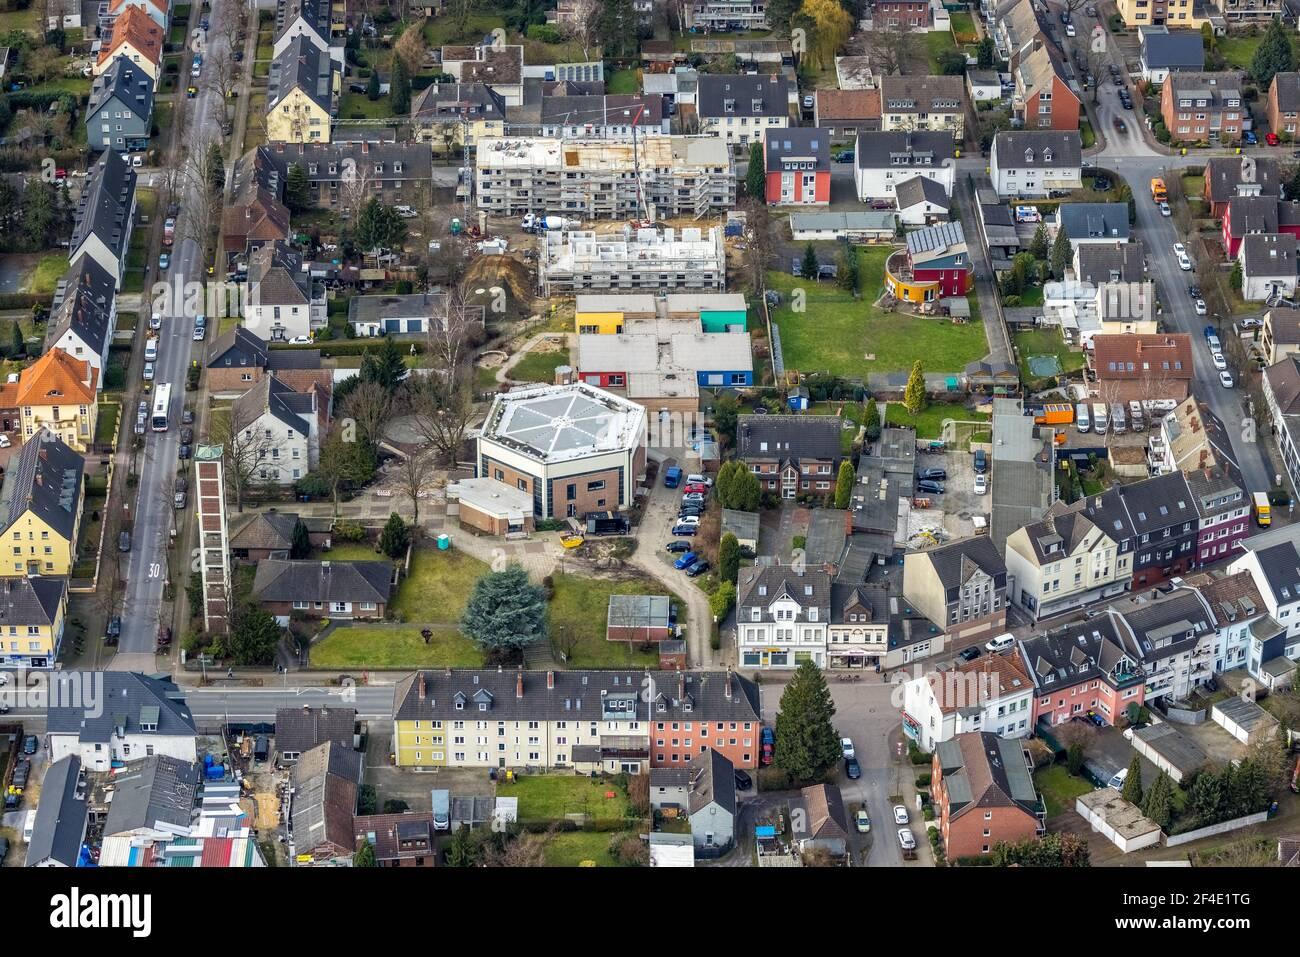 Luftbild, Kirche St. Johannes, katholischer Kindergarten St. Johannes, Baustelle Neubau Klosterstraße, Bottrop, Ruhrgebiet, Nordrhein-We Stockfoto